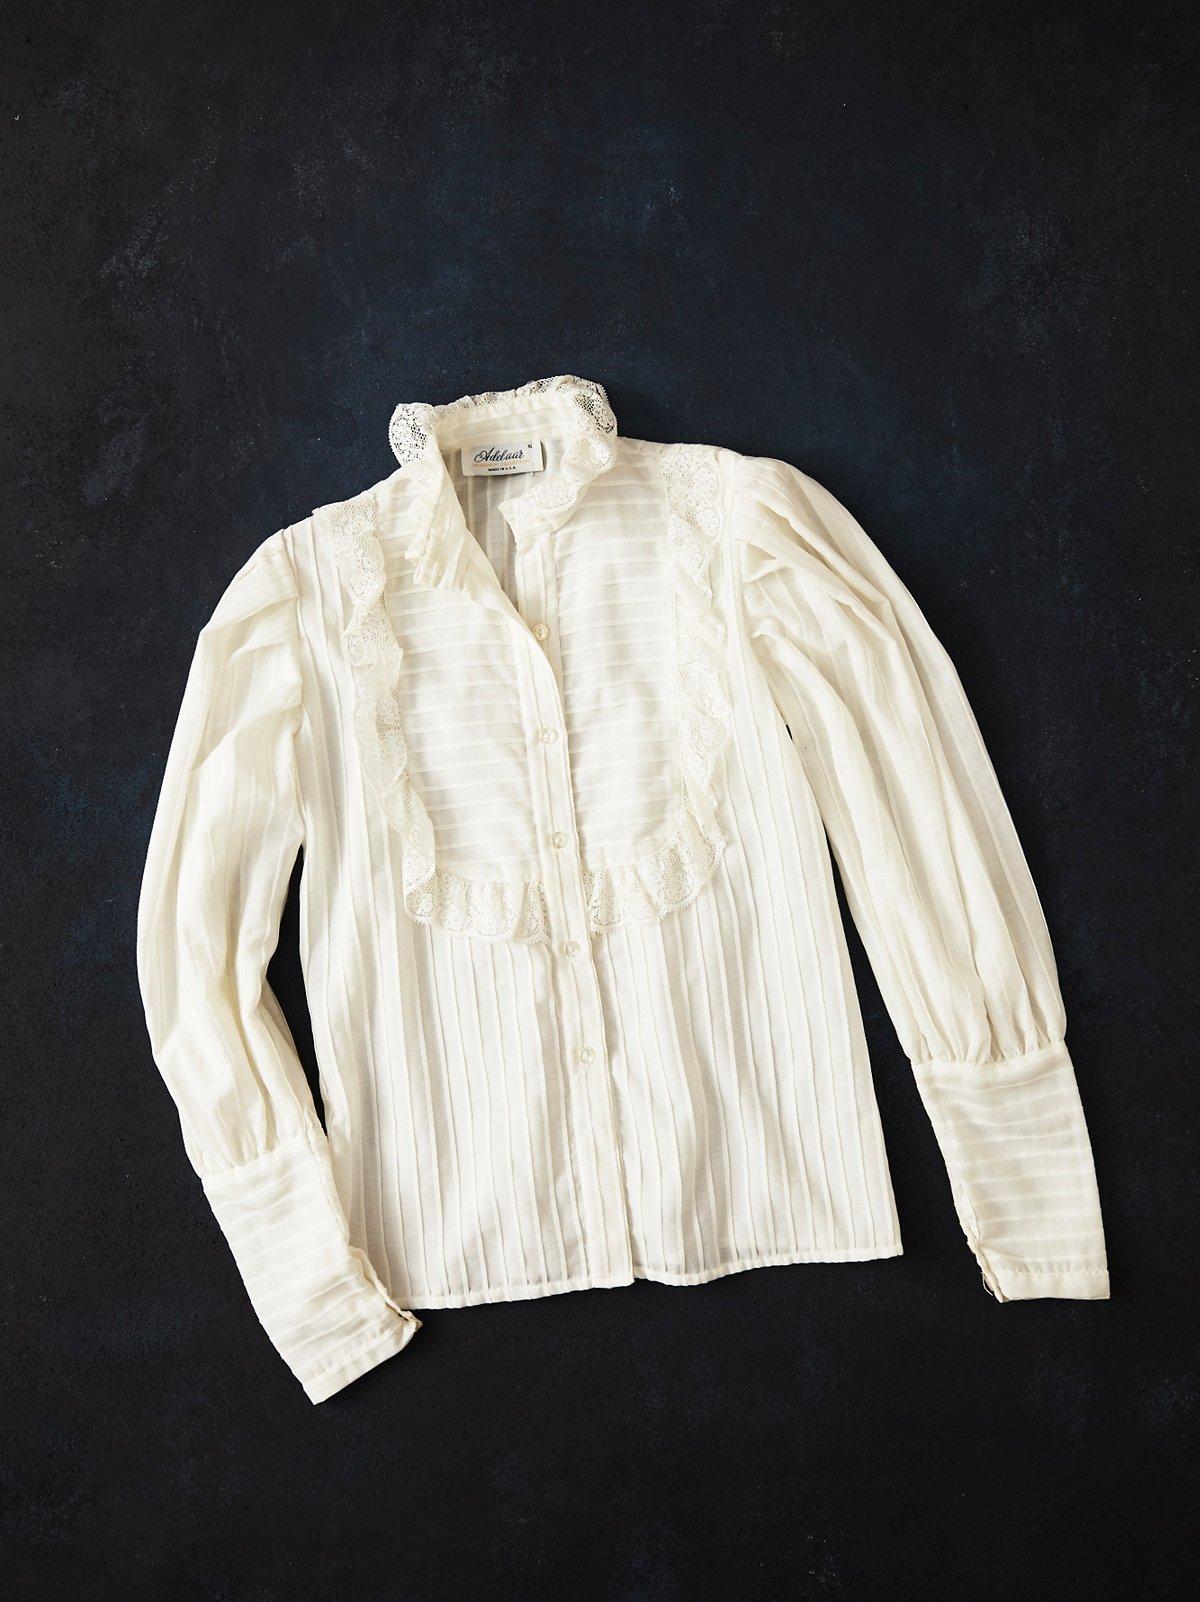 Vintage 1970s Lace Blouse